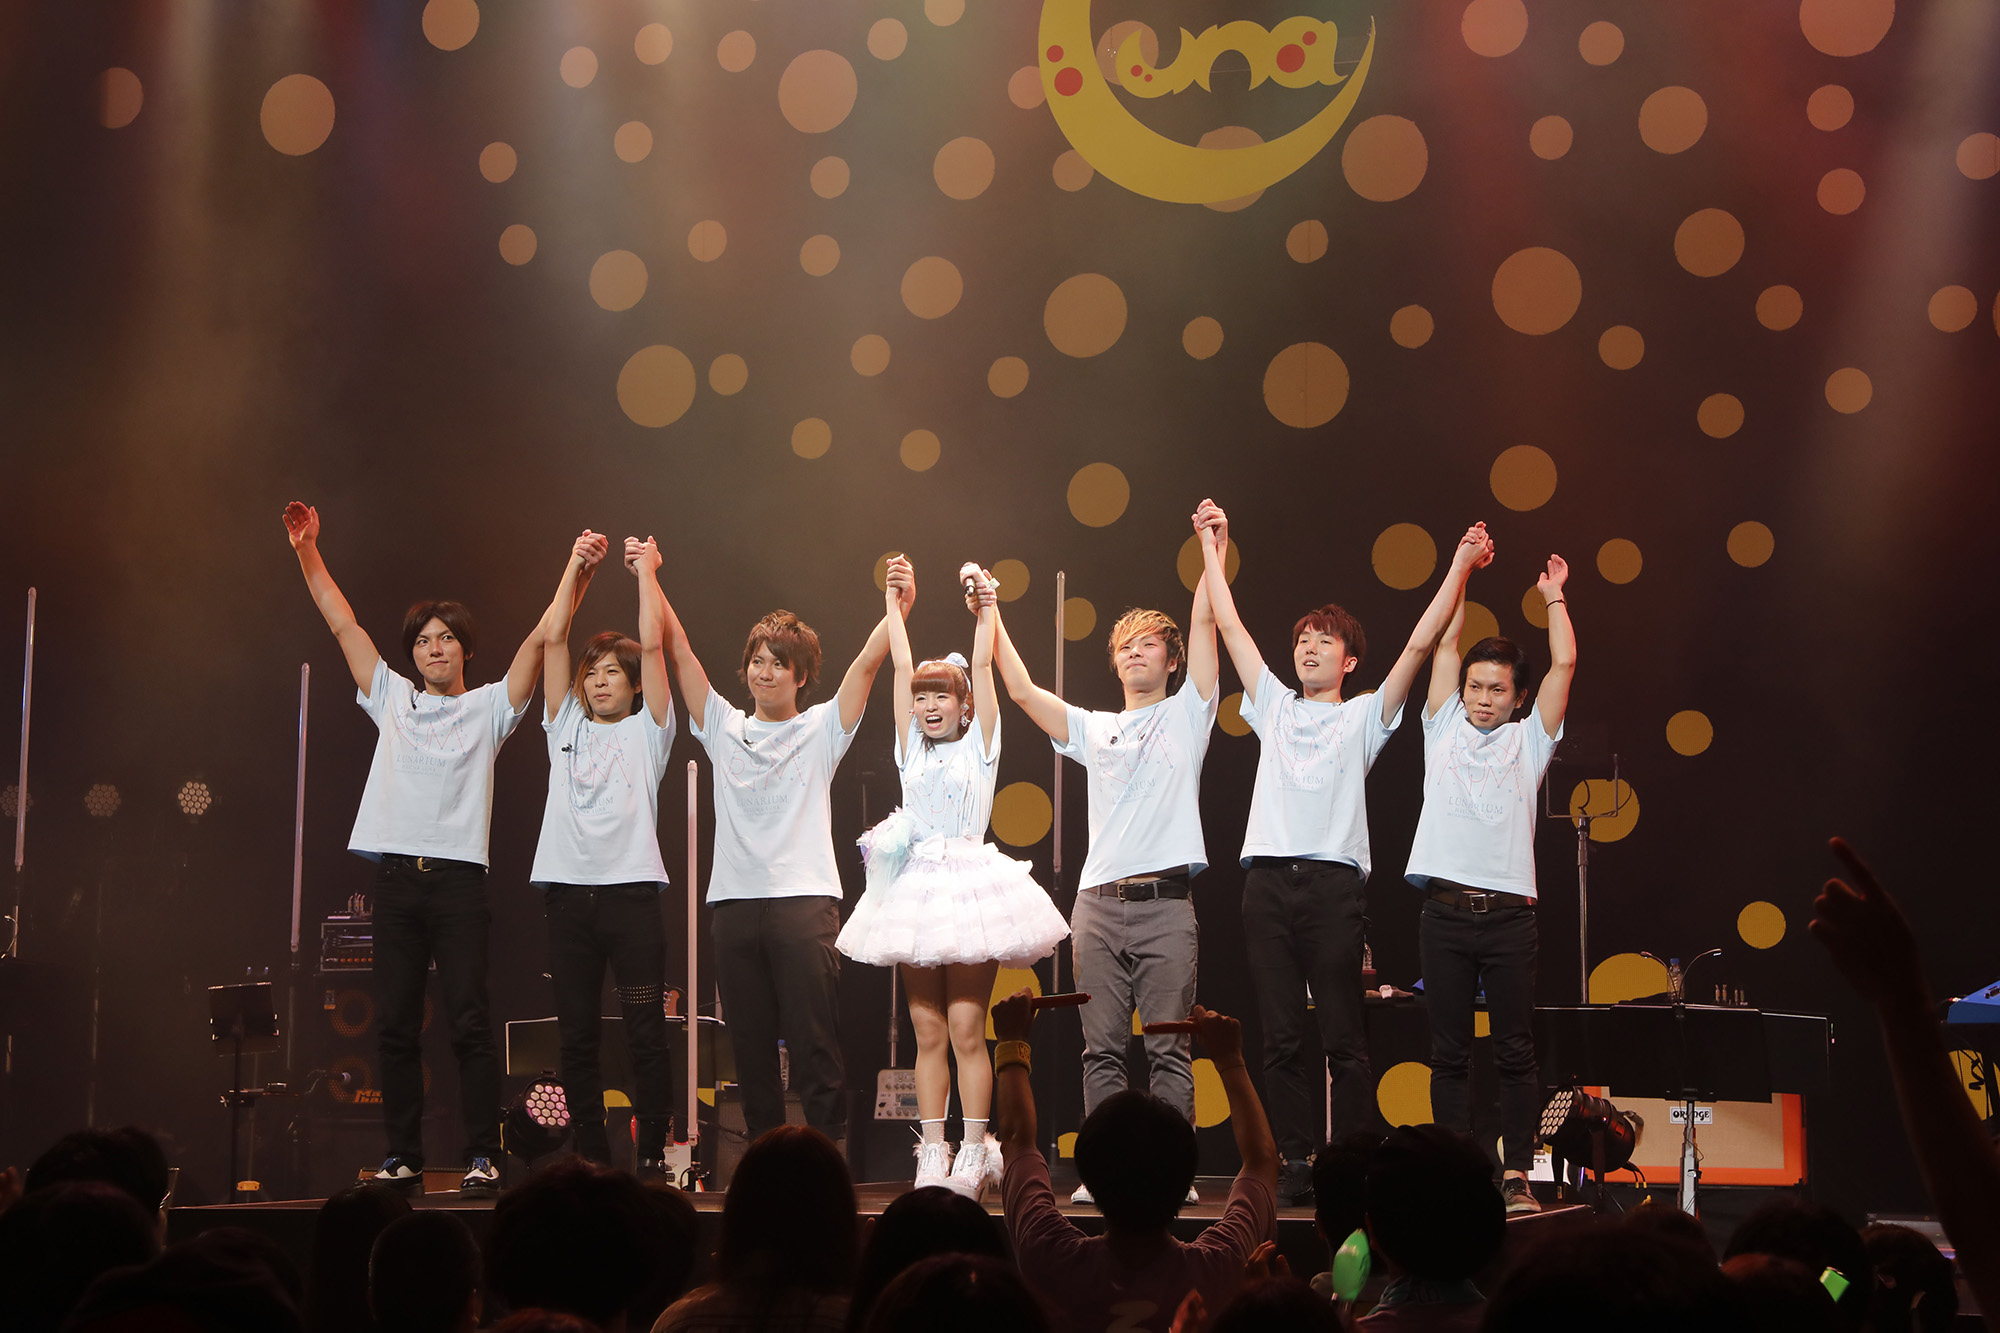 春奈るなワンマンライブ「LUNARIUM」大成功!「URAHARA」EDテーマ初披露にファン歓喜!